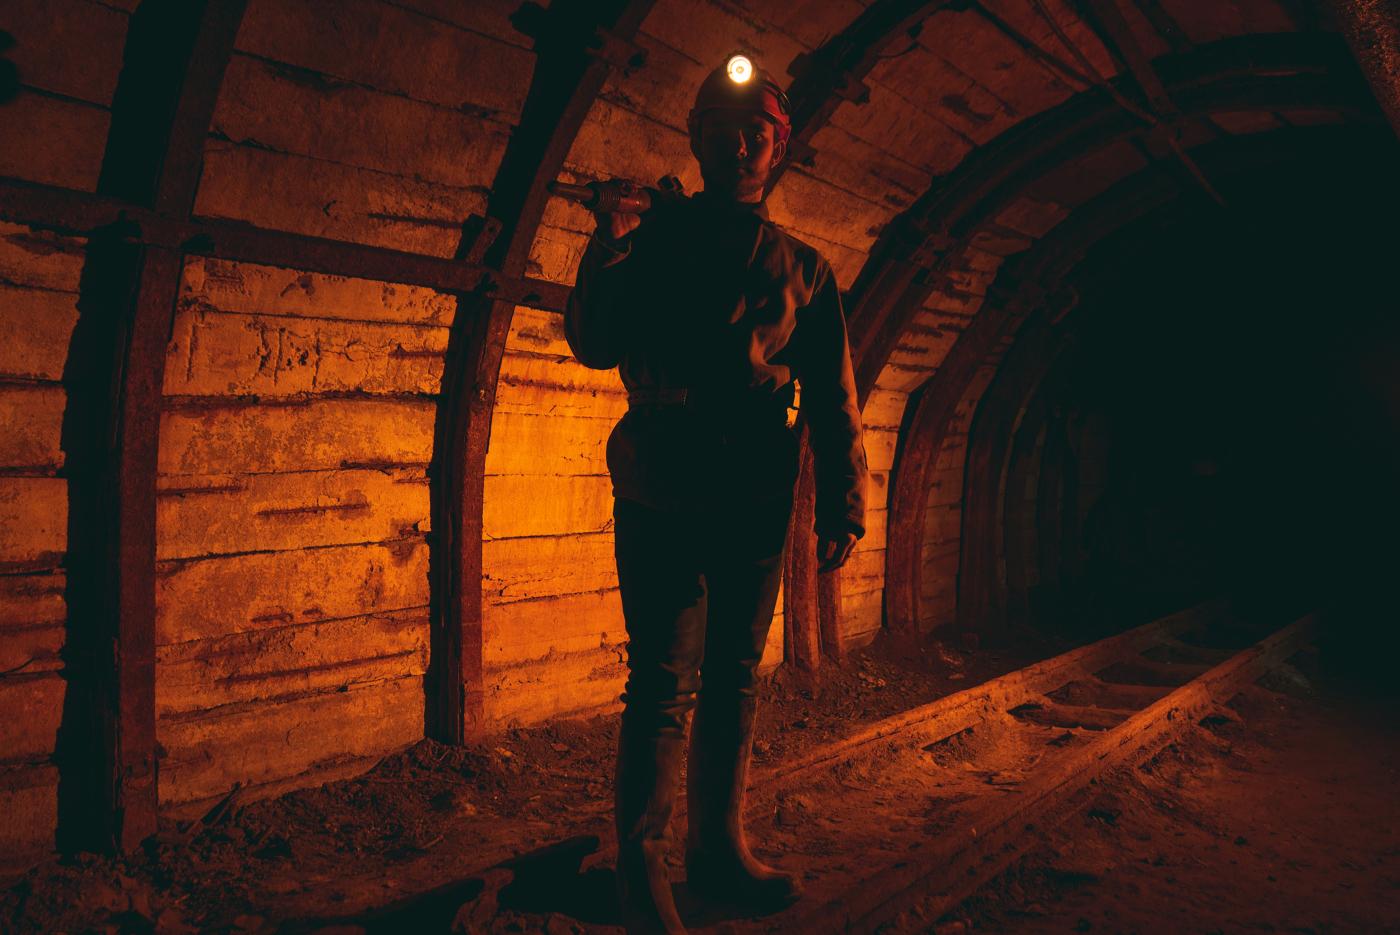 Imagen de un minero bajo la mina